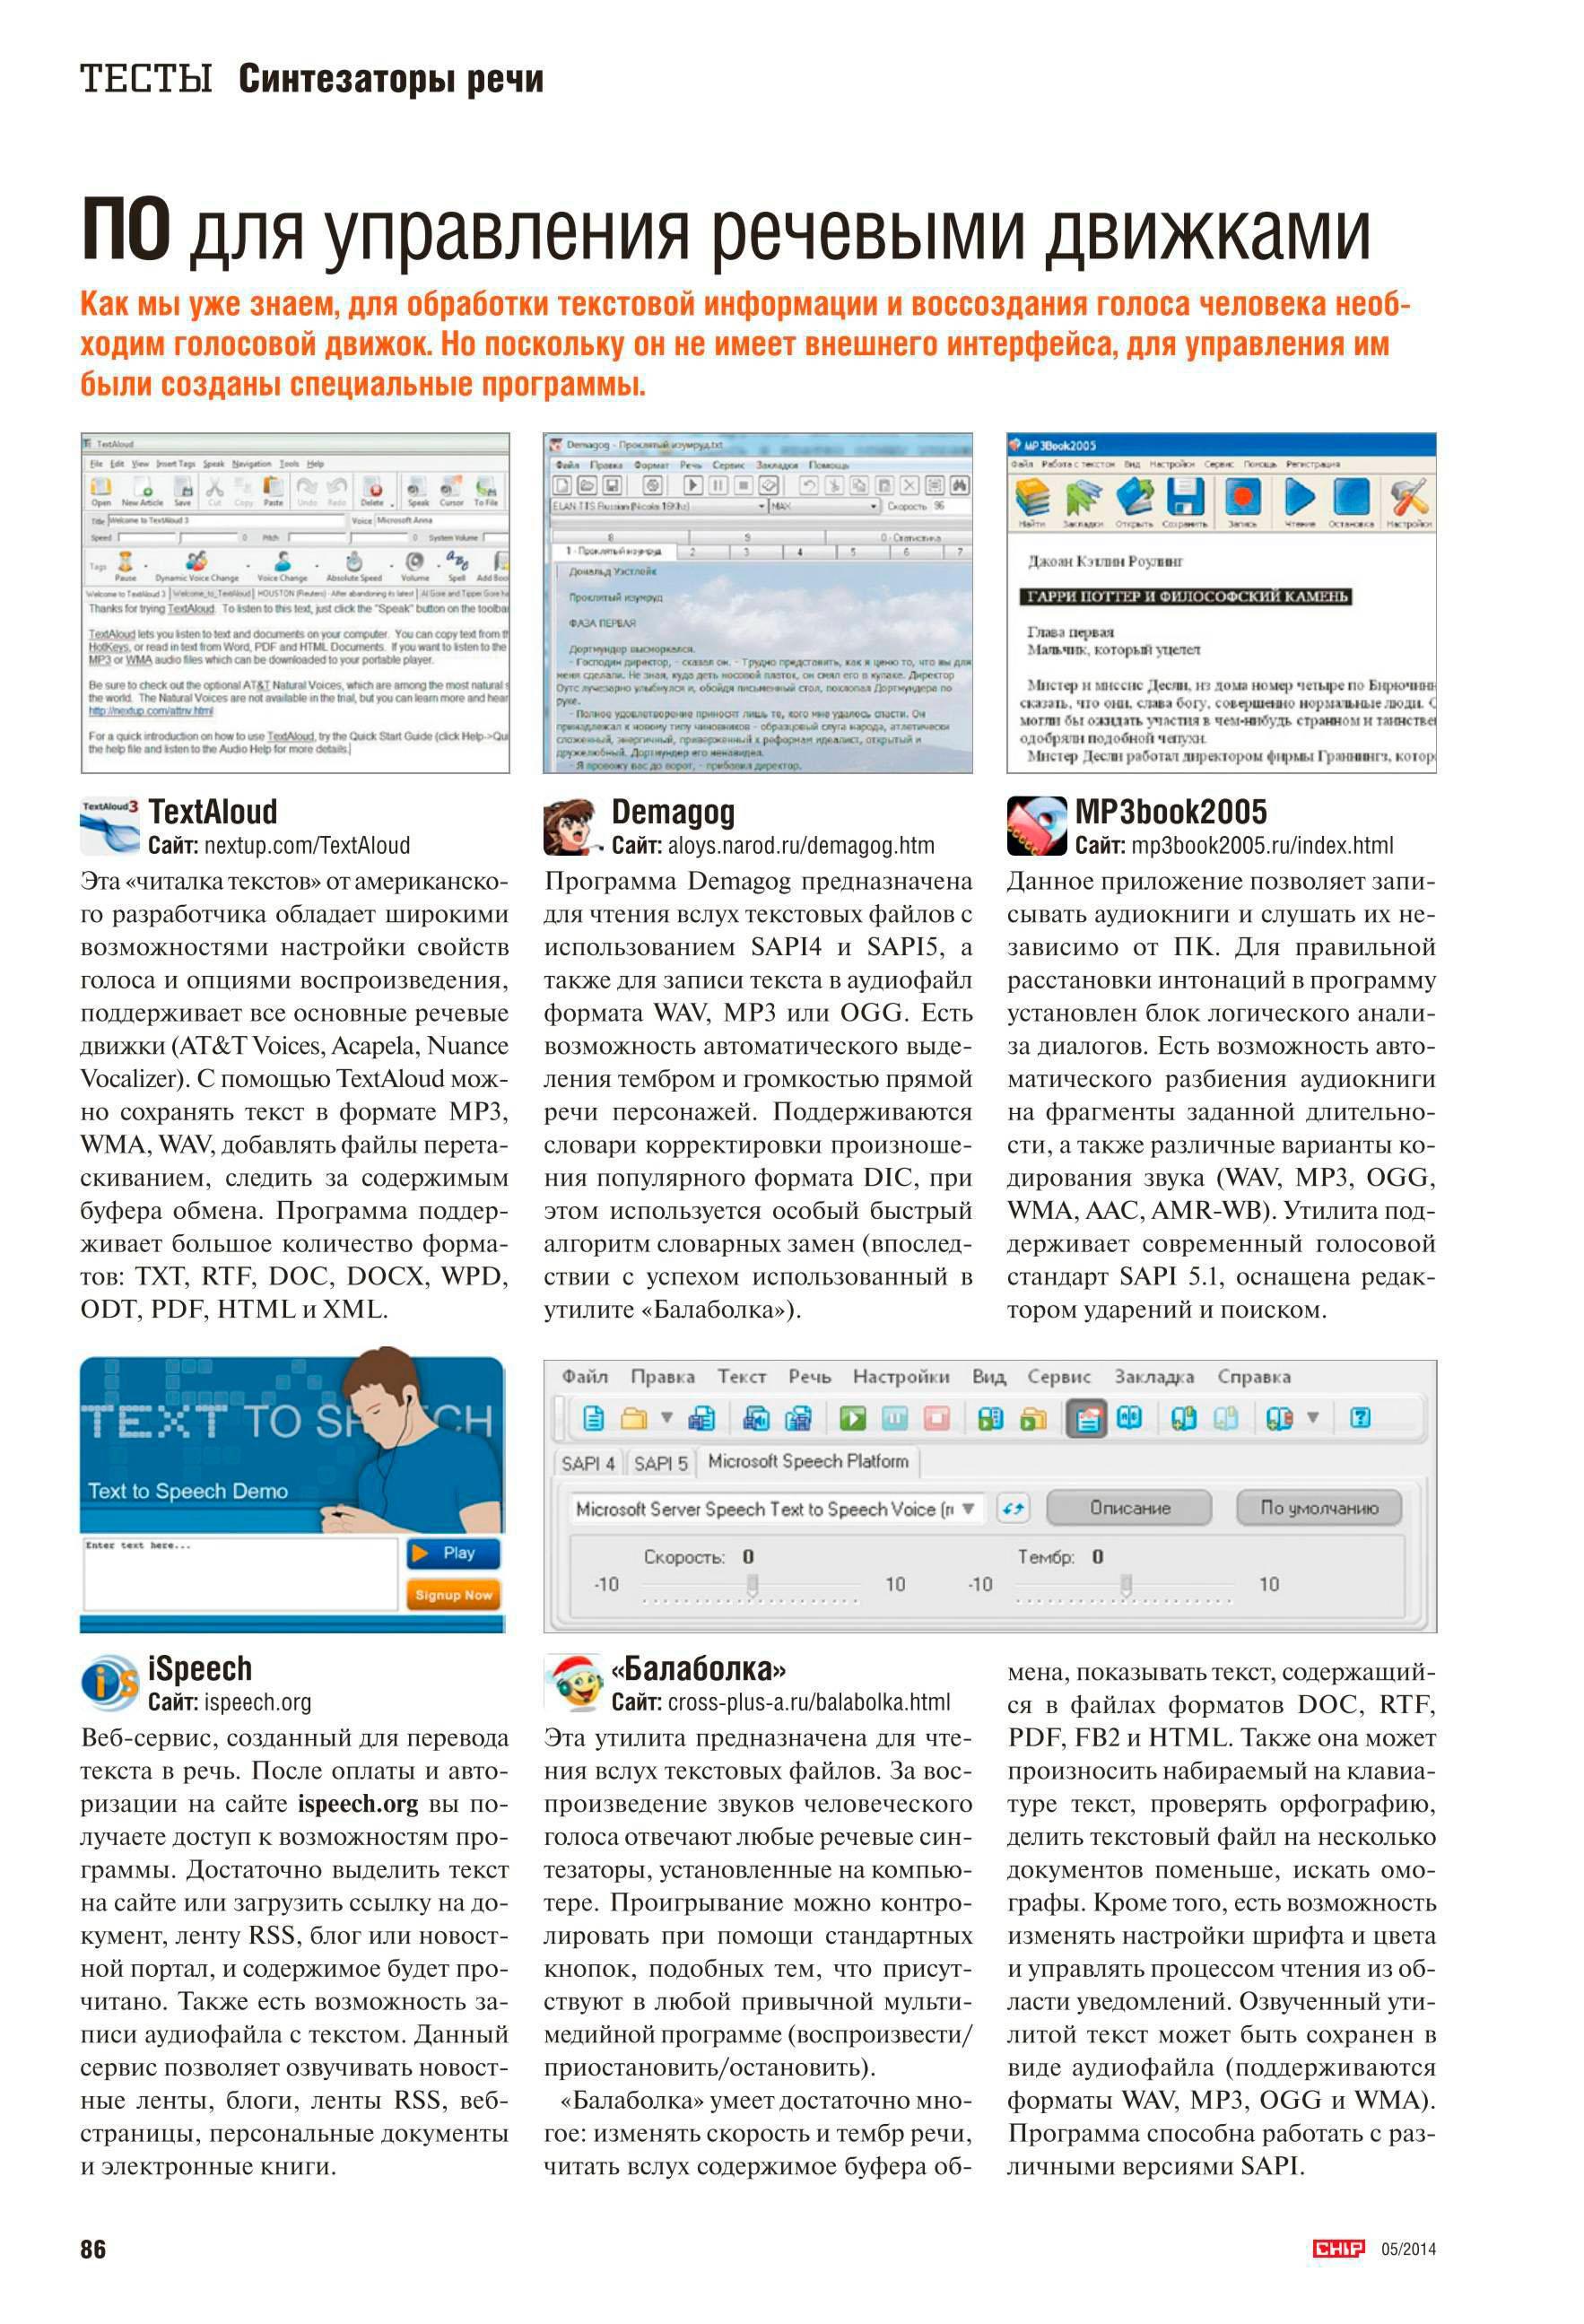 Demagog (Демагог) Chip_05.2014